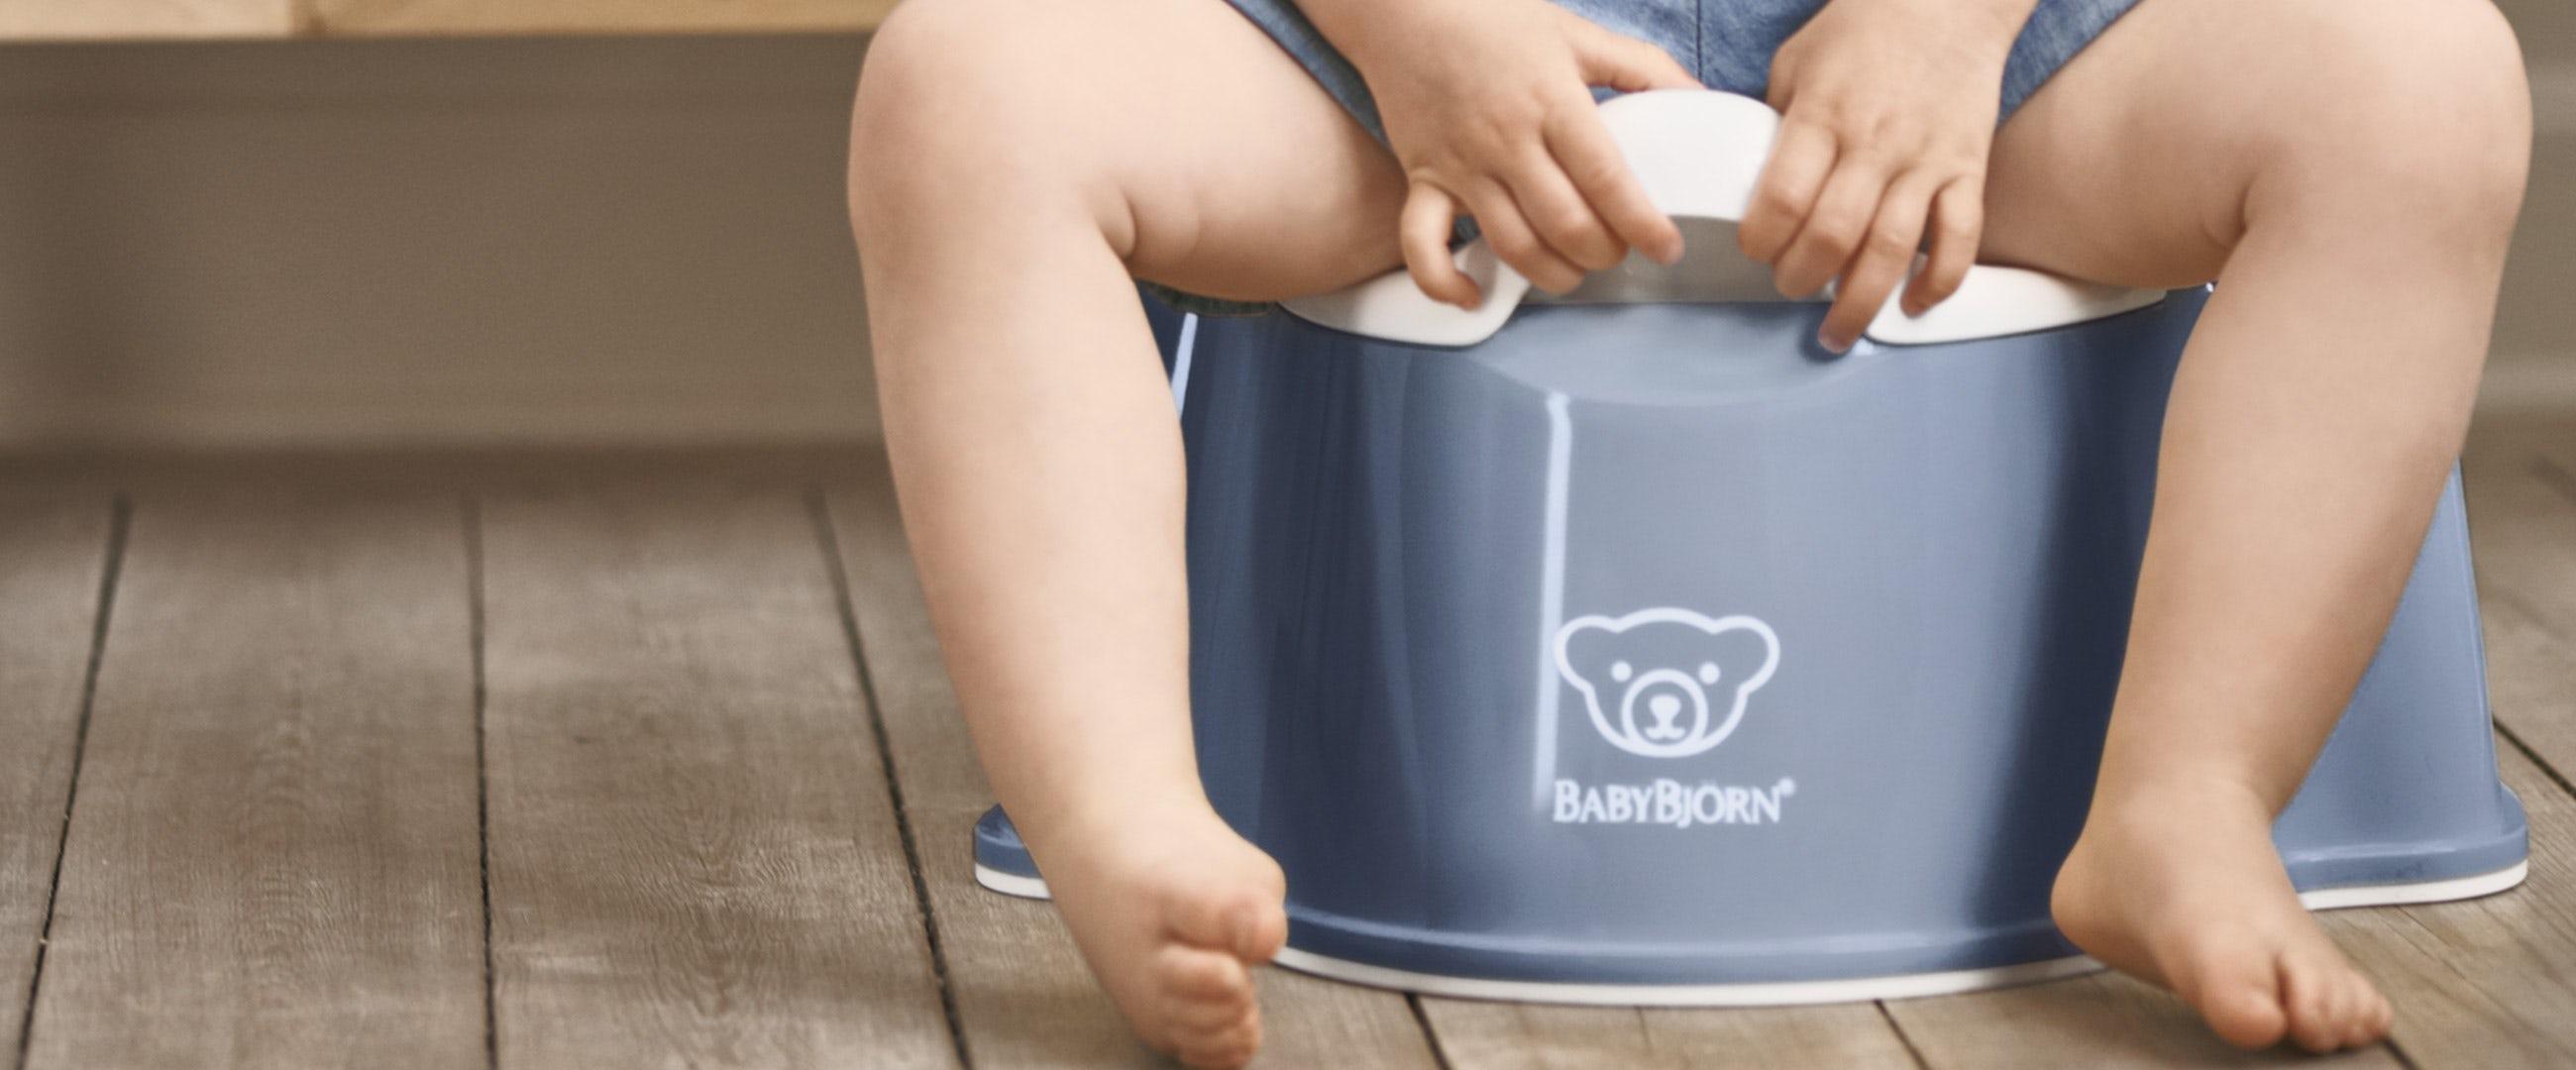 BABYBJÖRN Pottstol –Bäst i test – Bästa pottan 2019